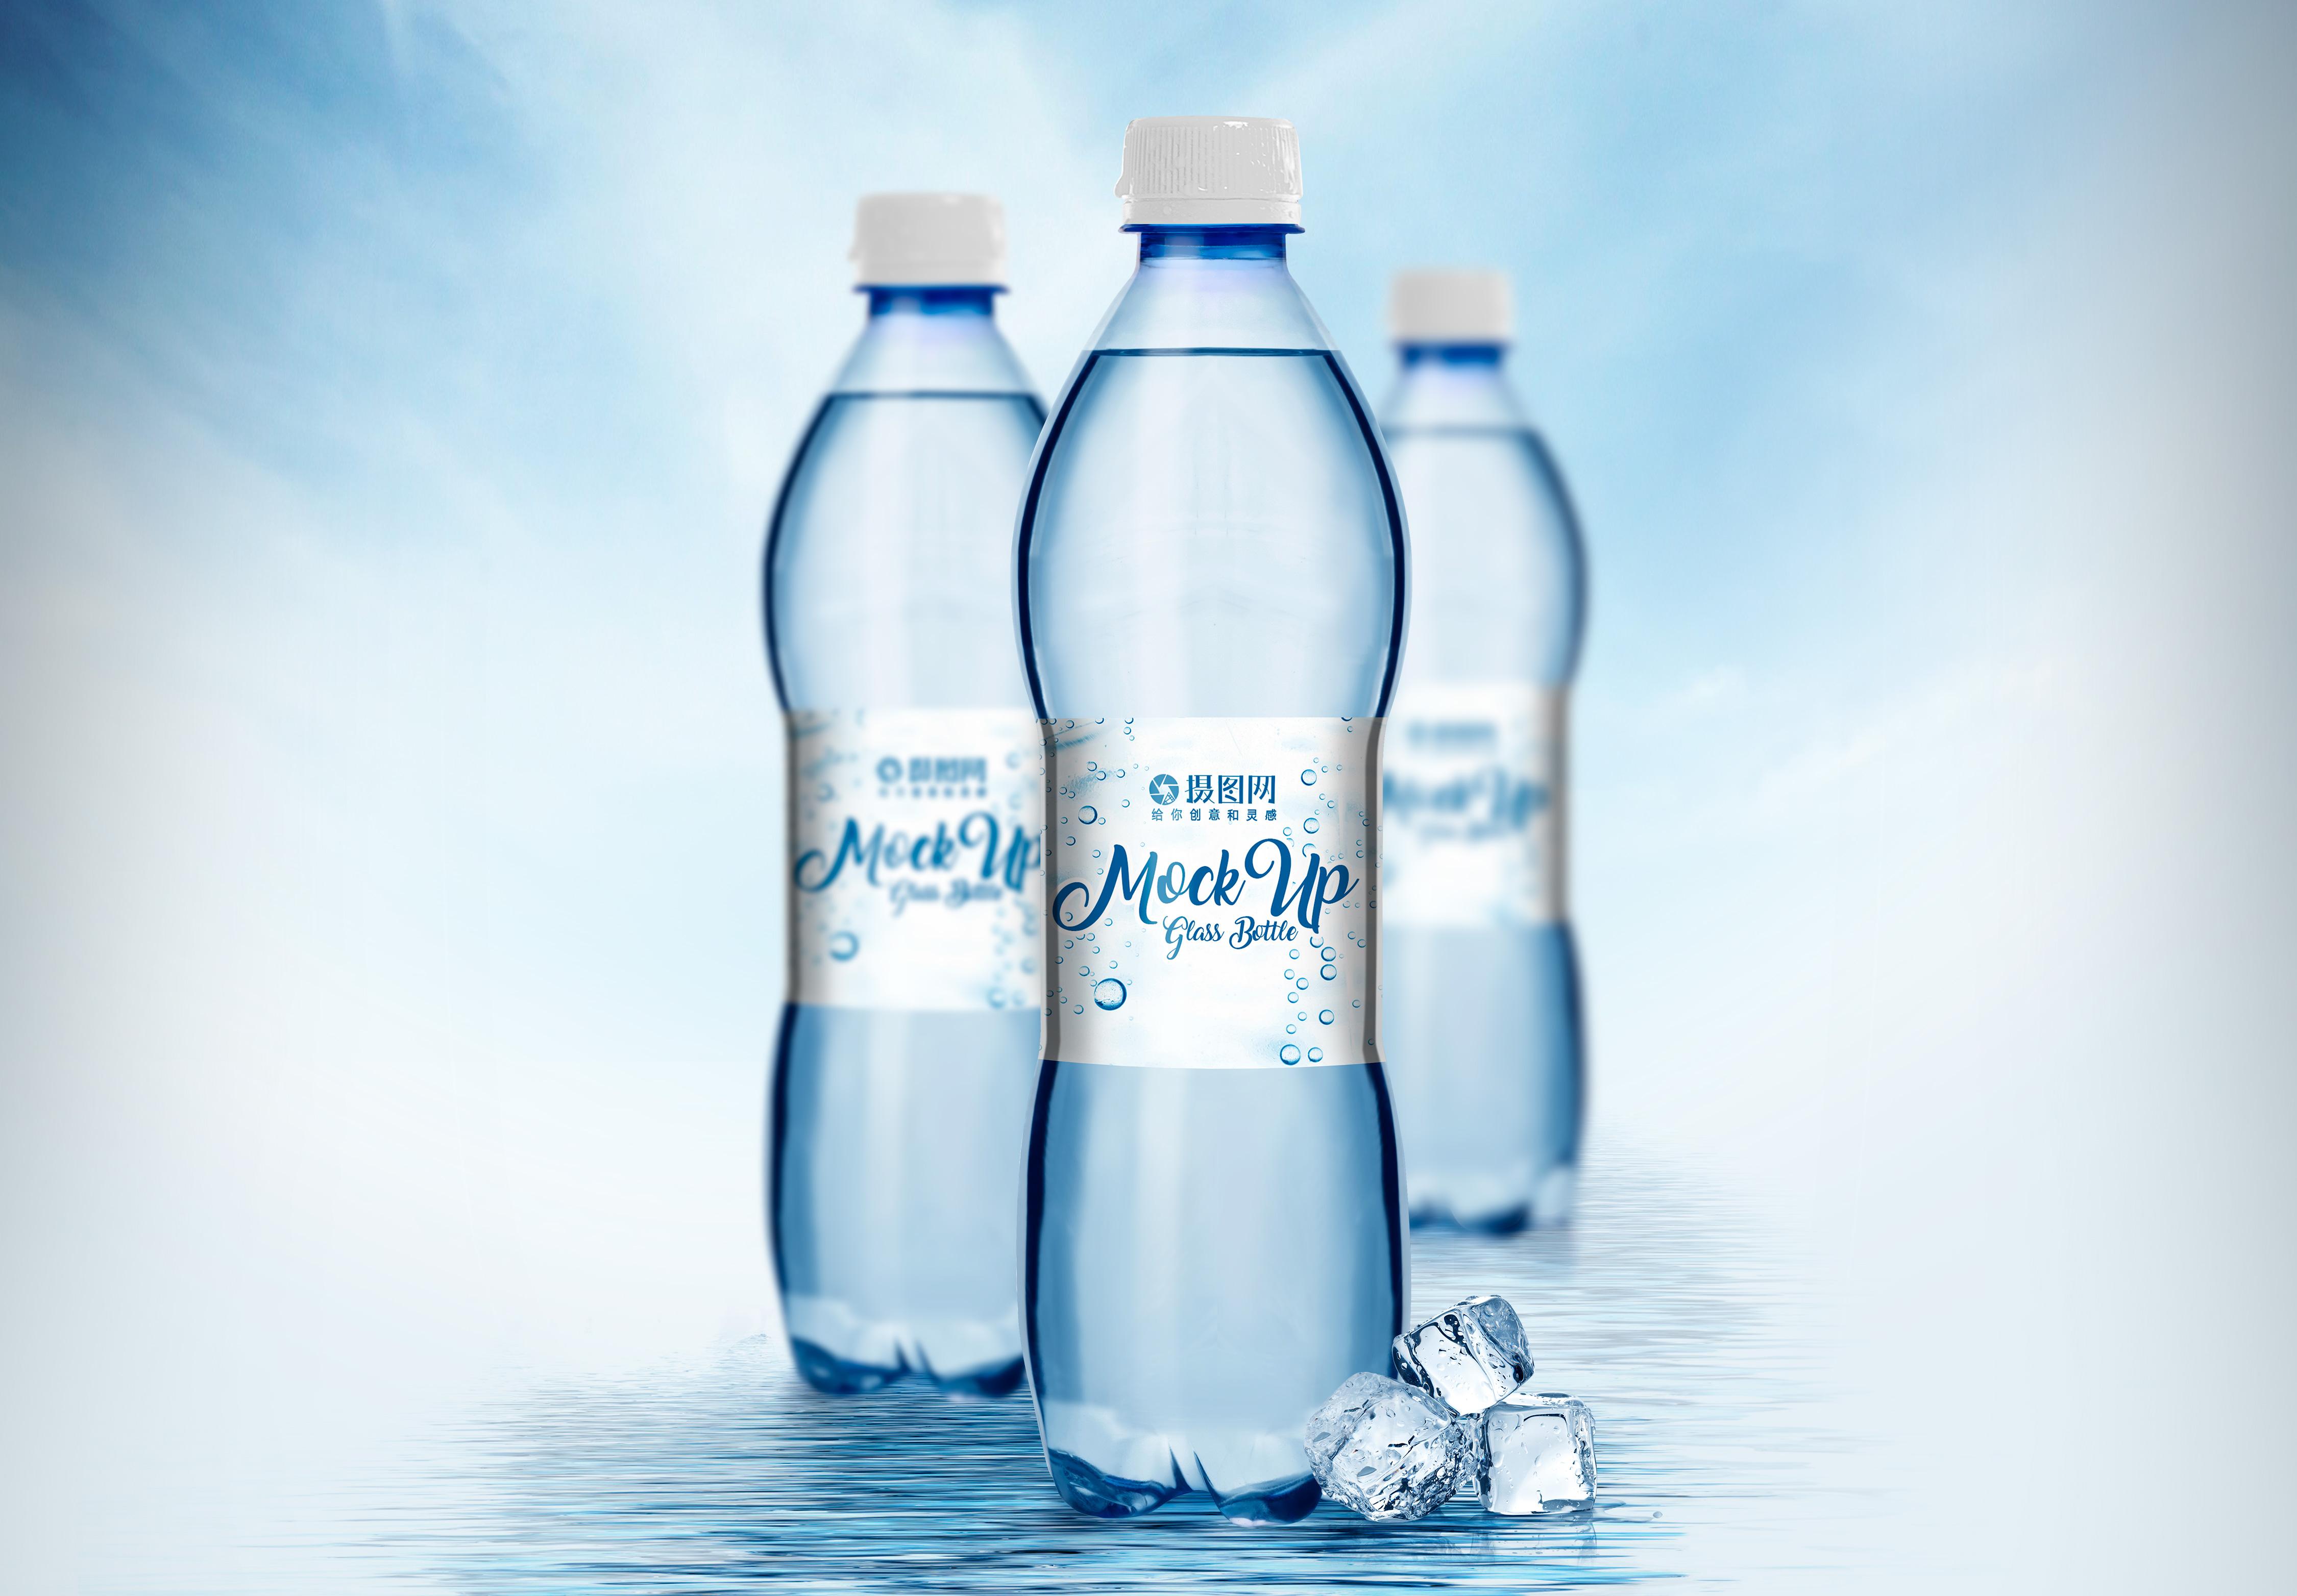 水瓶_水瓶图片_水瓶图片大全_水瓶背景图片